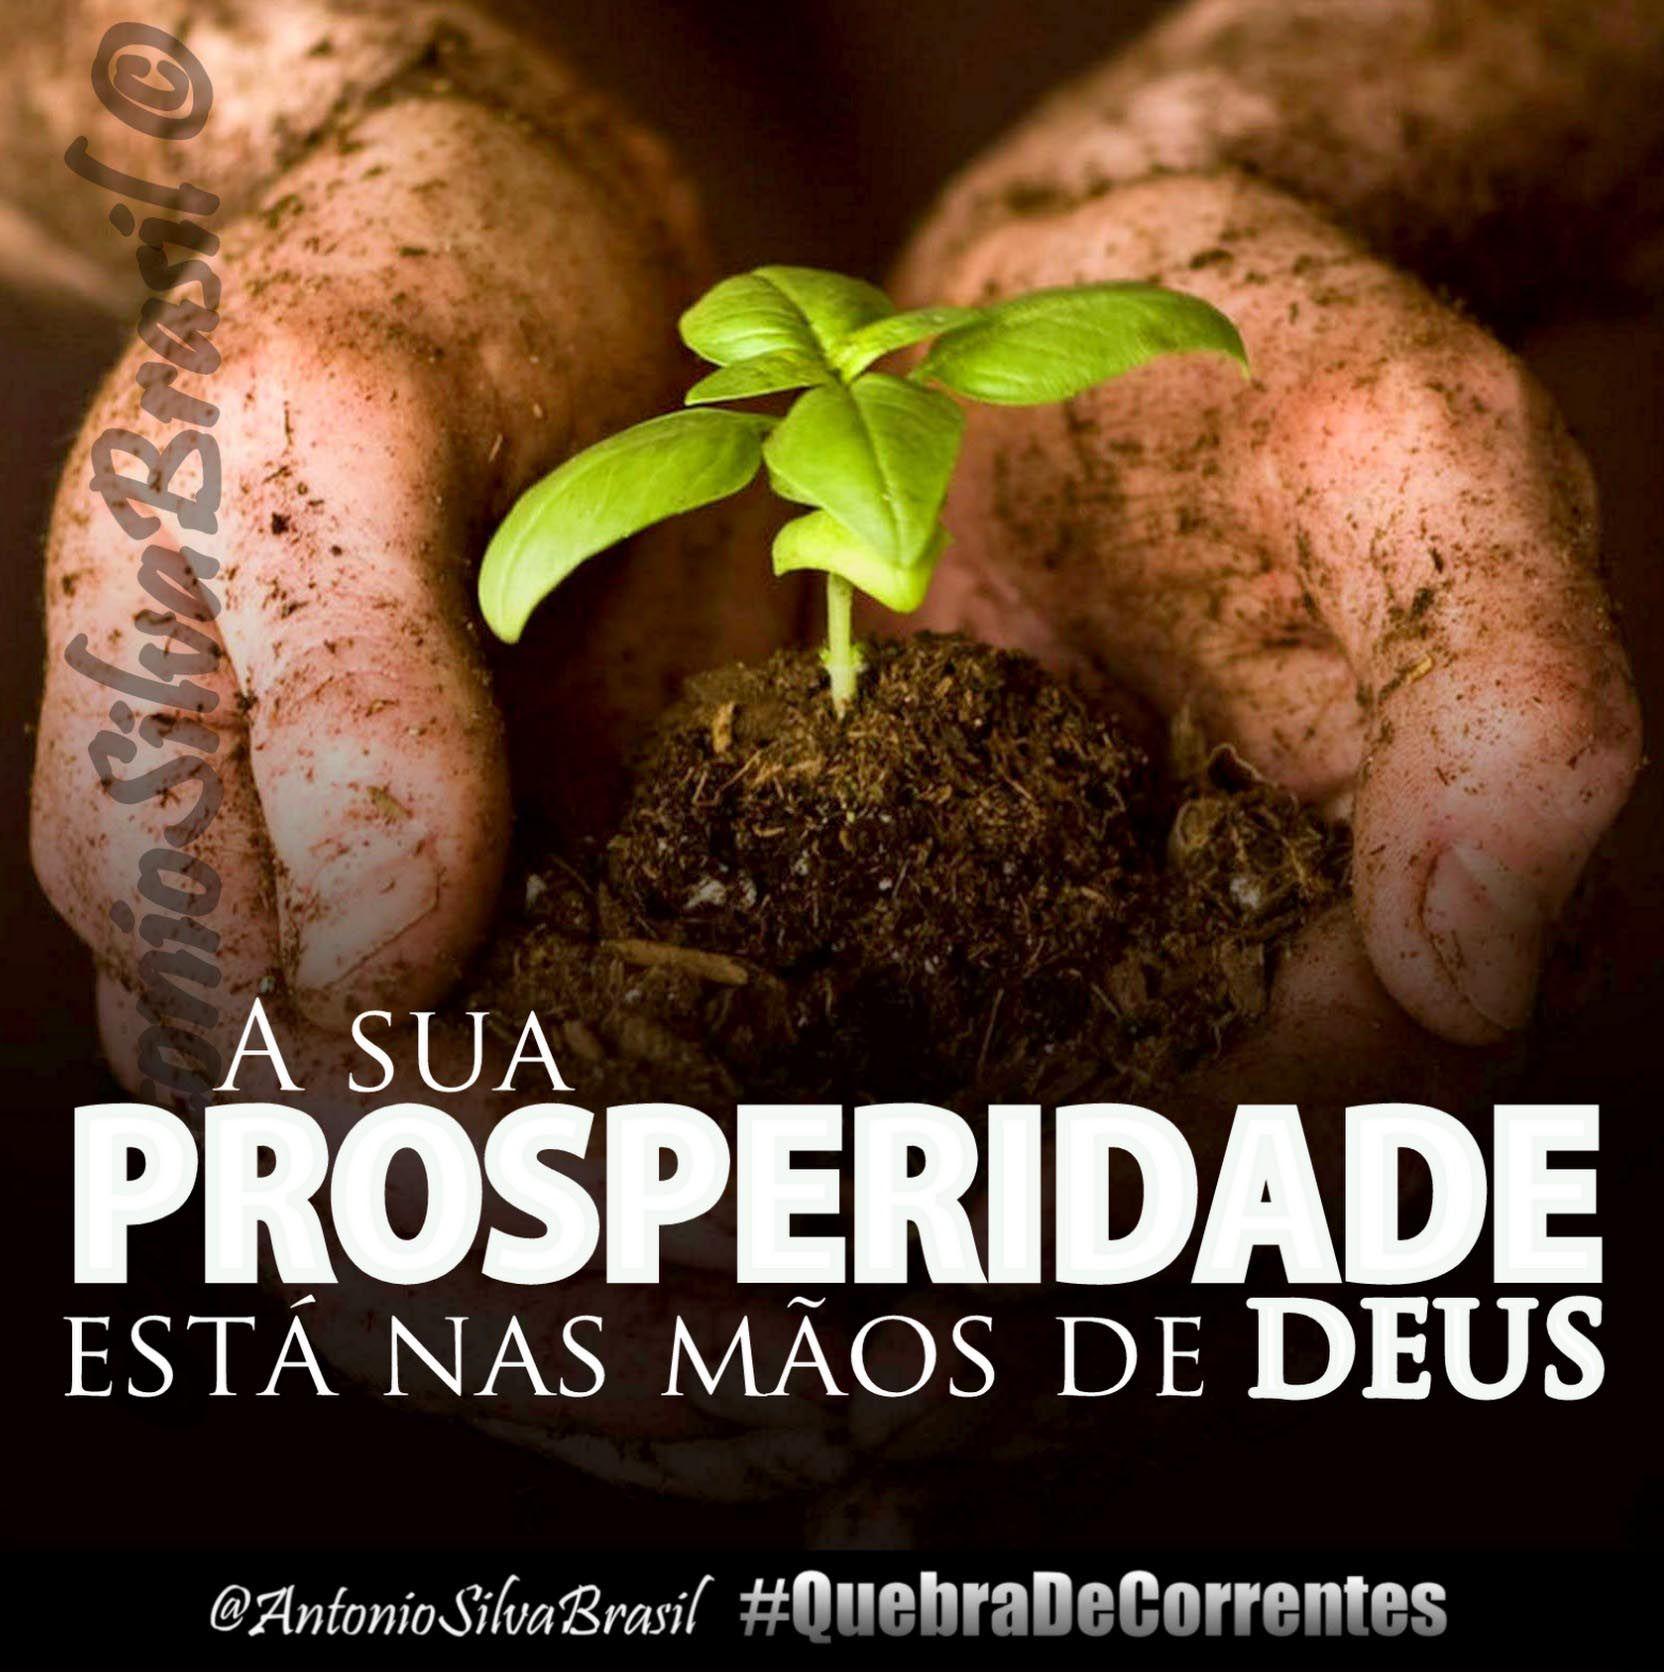 """""""A sua Prosperidade está nas mãos de Deus"""" — @AntonioSilvaBra #QuebraDeCorrentes #ecdonline"""